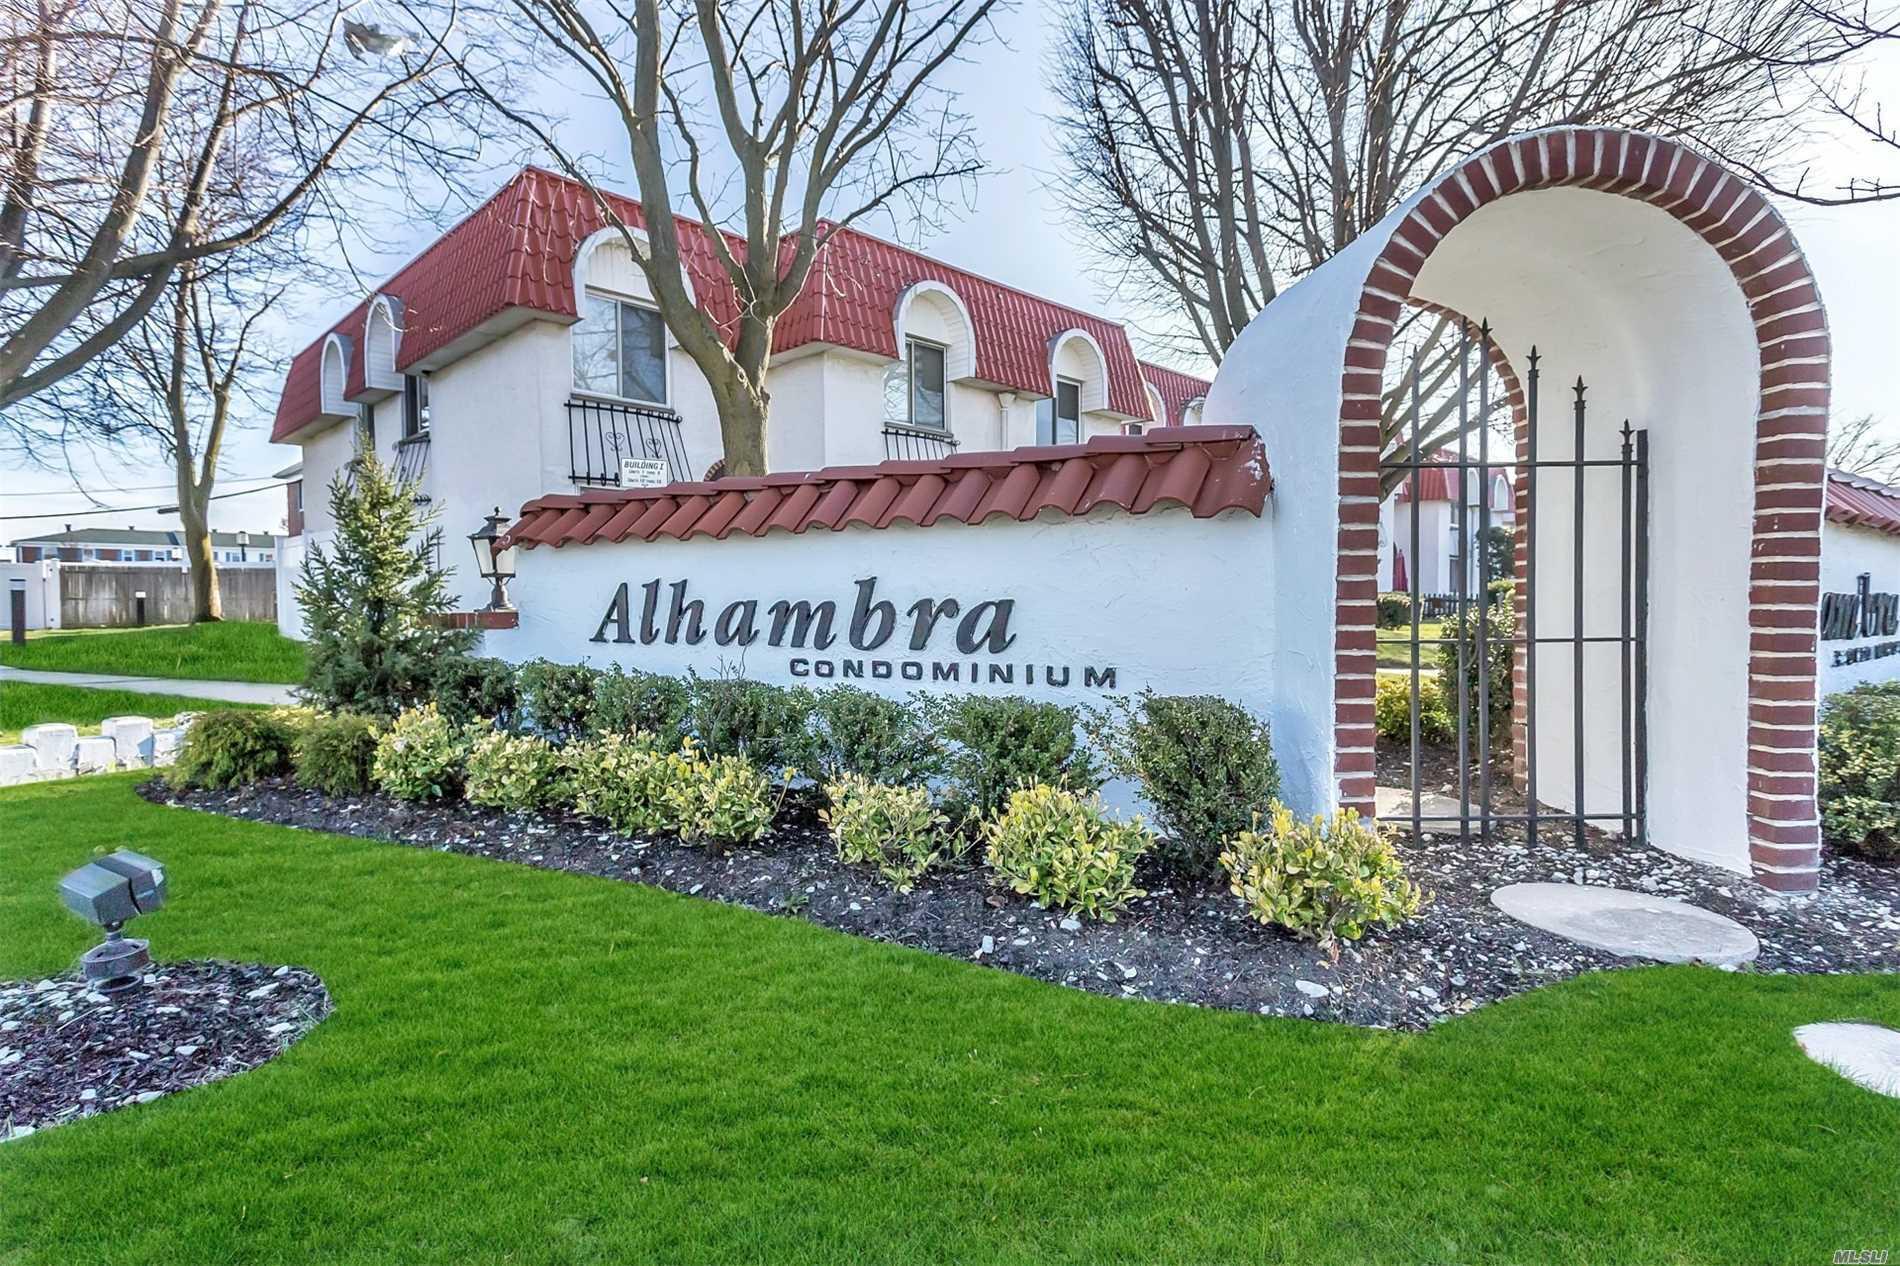 44 Alhambra Dr - Oceanside, New York